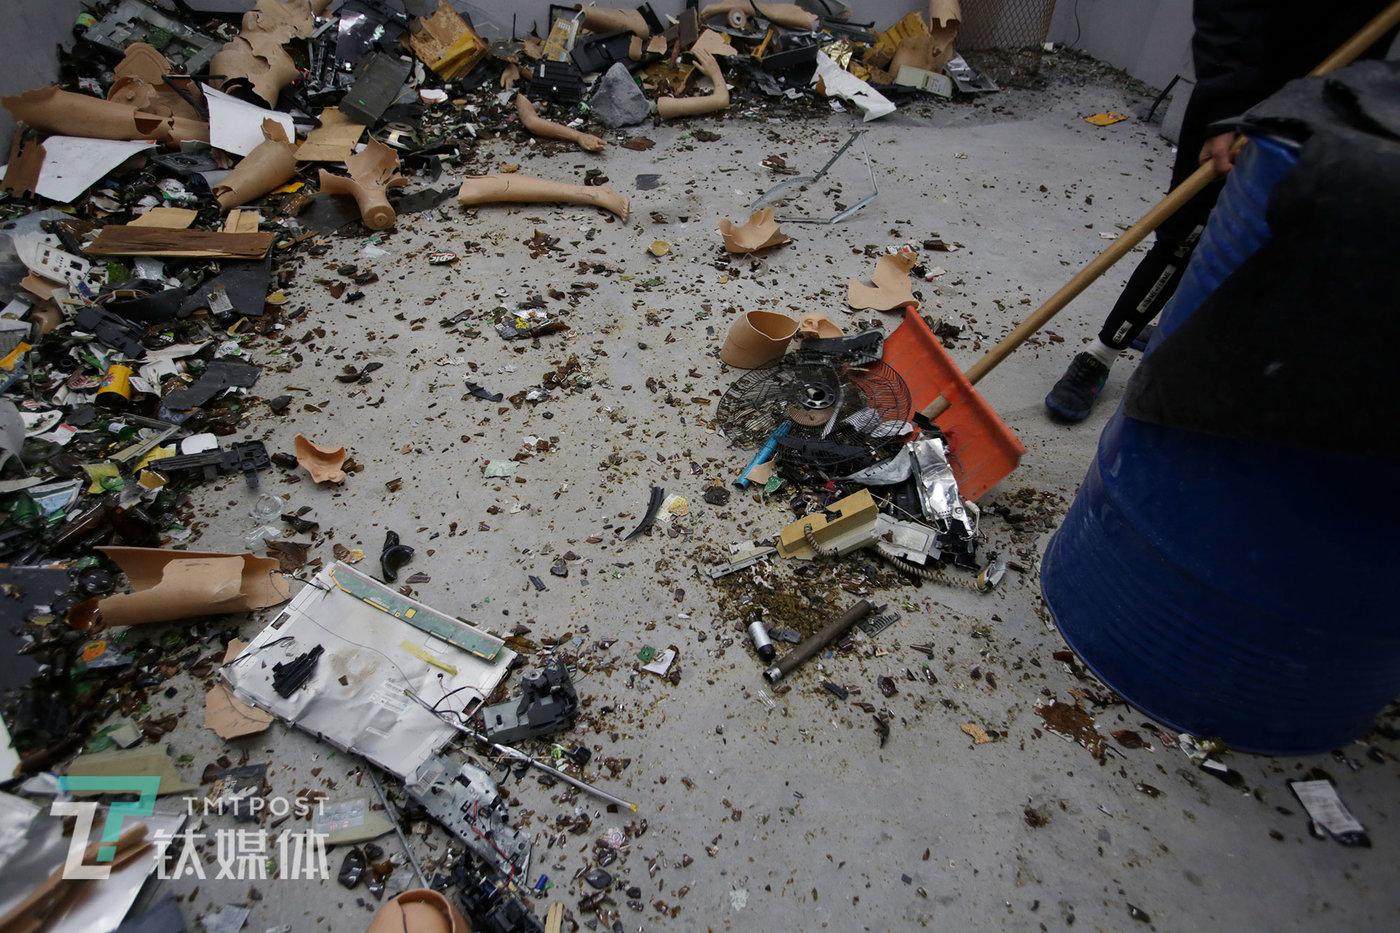 """一拨顾客""""发泄""""完后,店员立即开始打扫发泄屋。""""每隔段时间我们就把这些碎渣运出去一次,上个礼拜刚处理了两百多袋。""""这名店员告诉钛媒体《在线》。"""